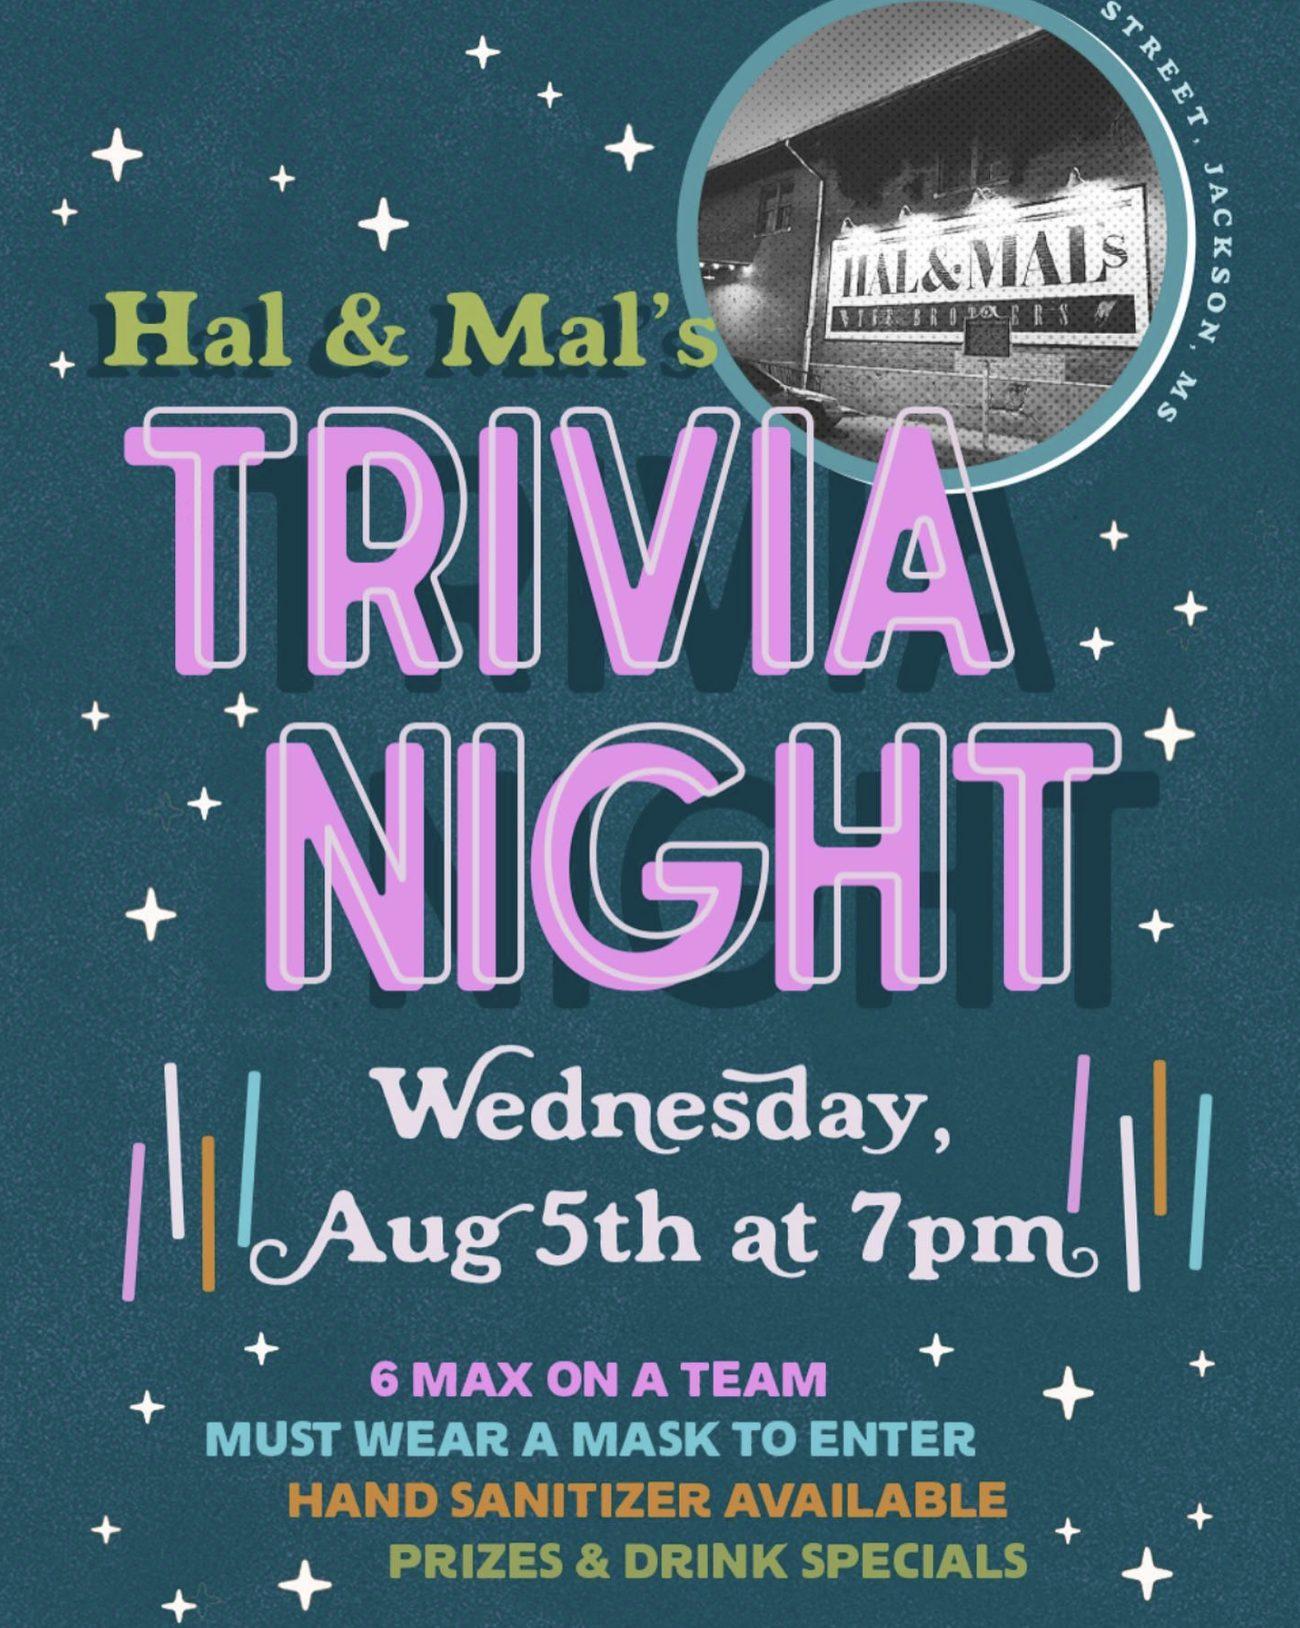 Trivia Night at Hal & Mal's